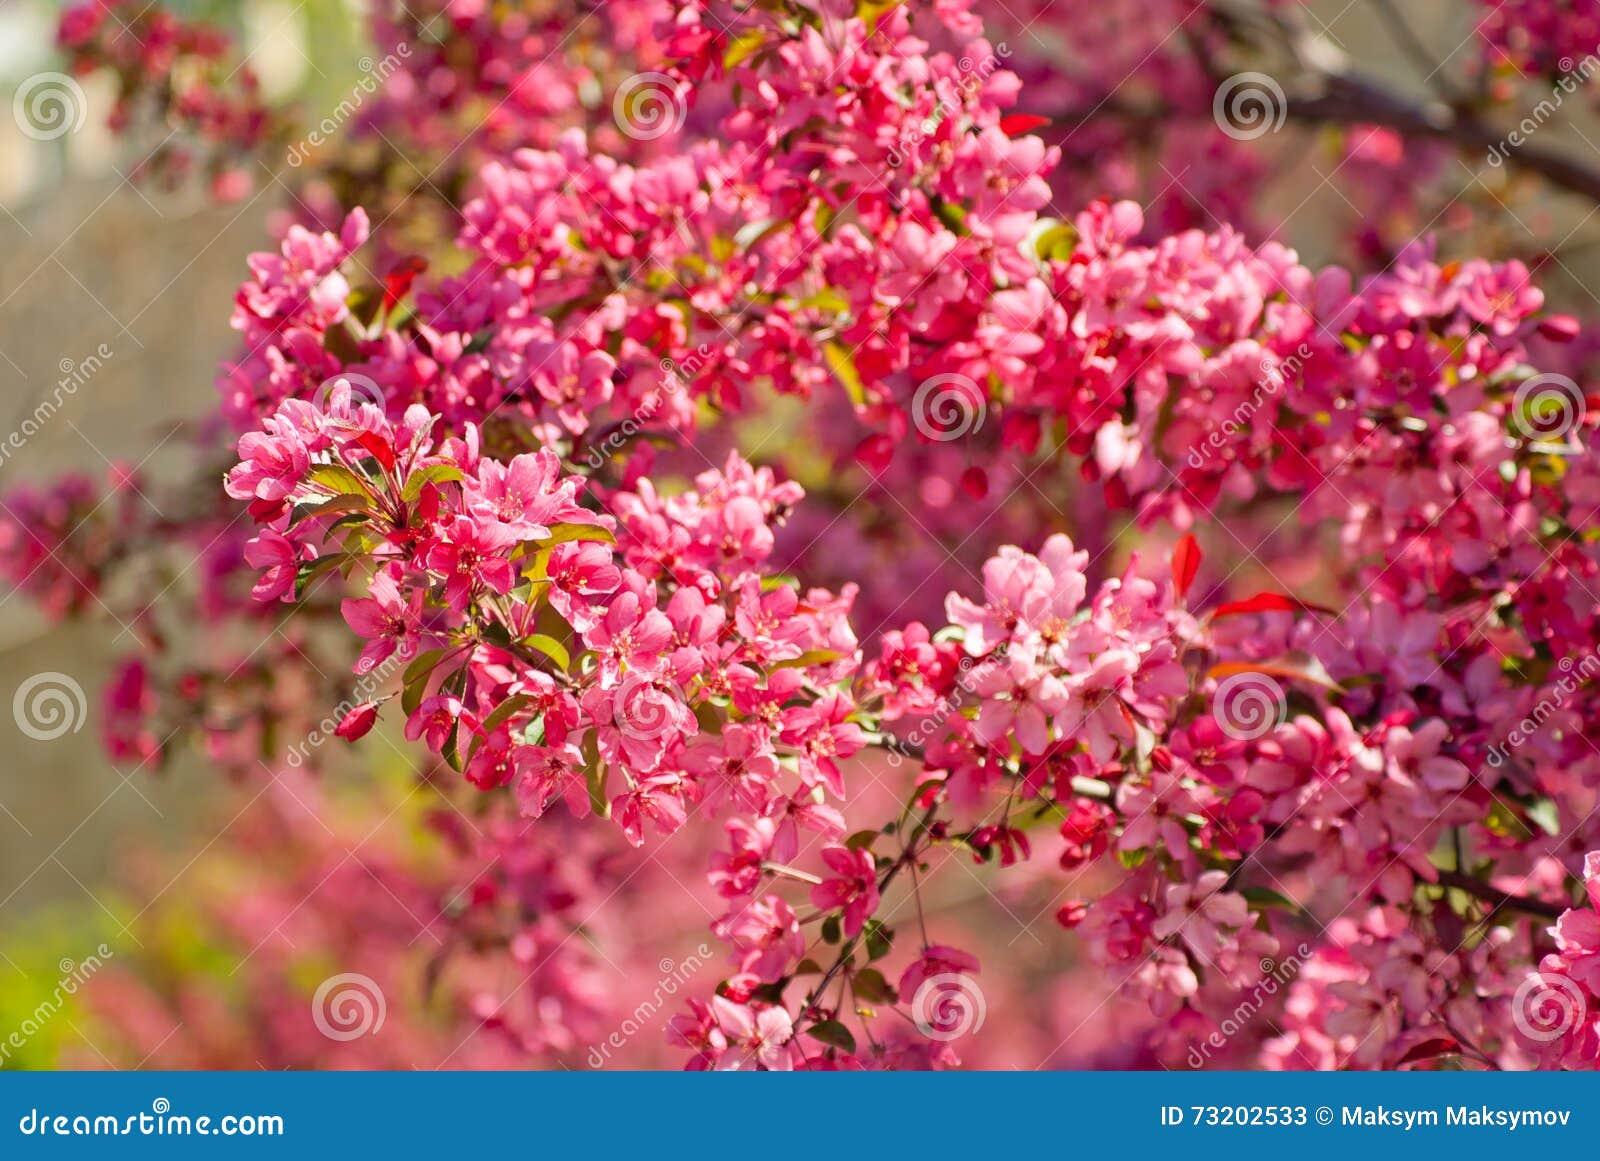 开花的皇族罗盘星座苹果树